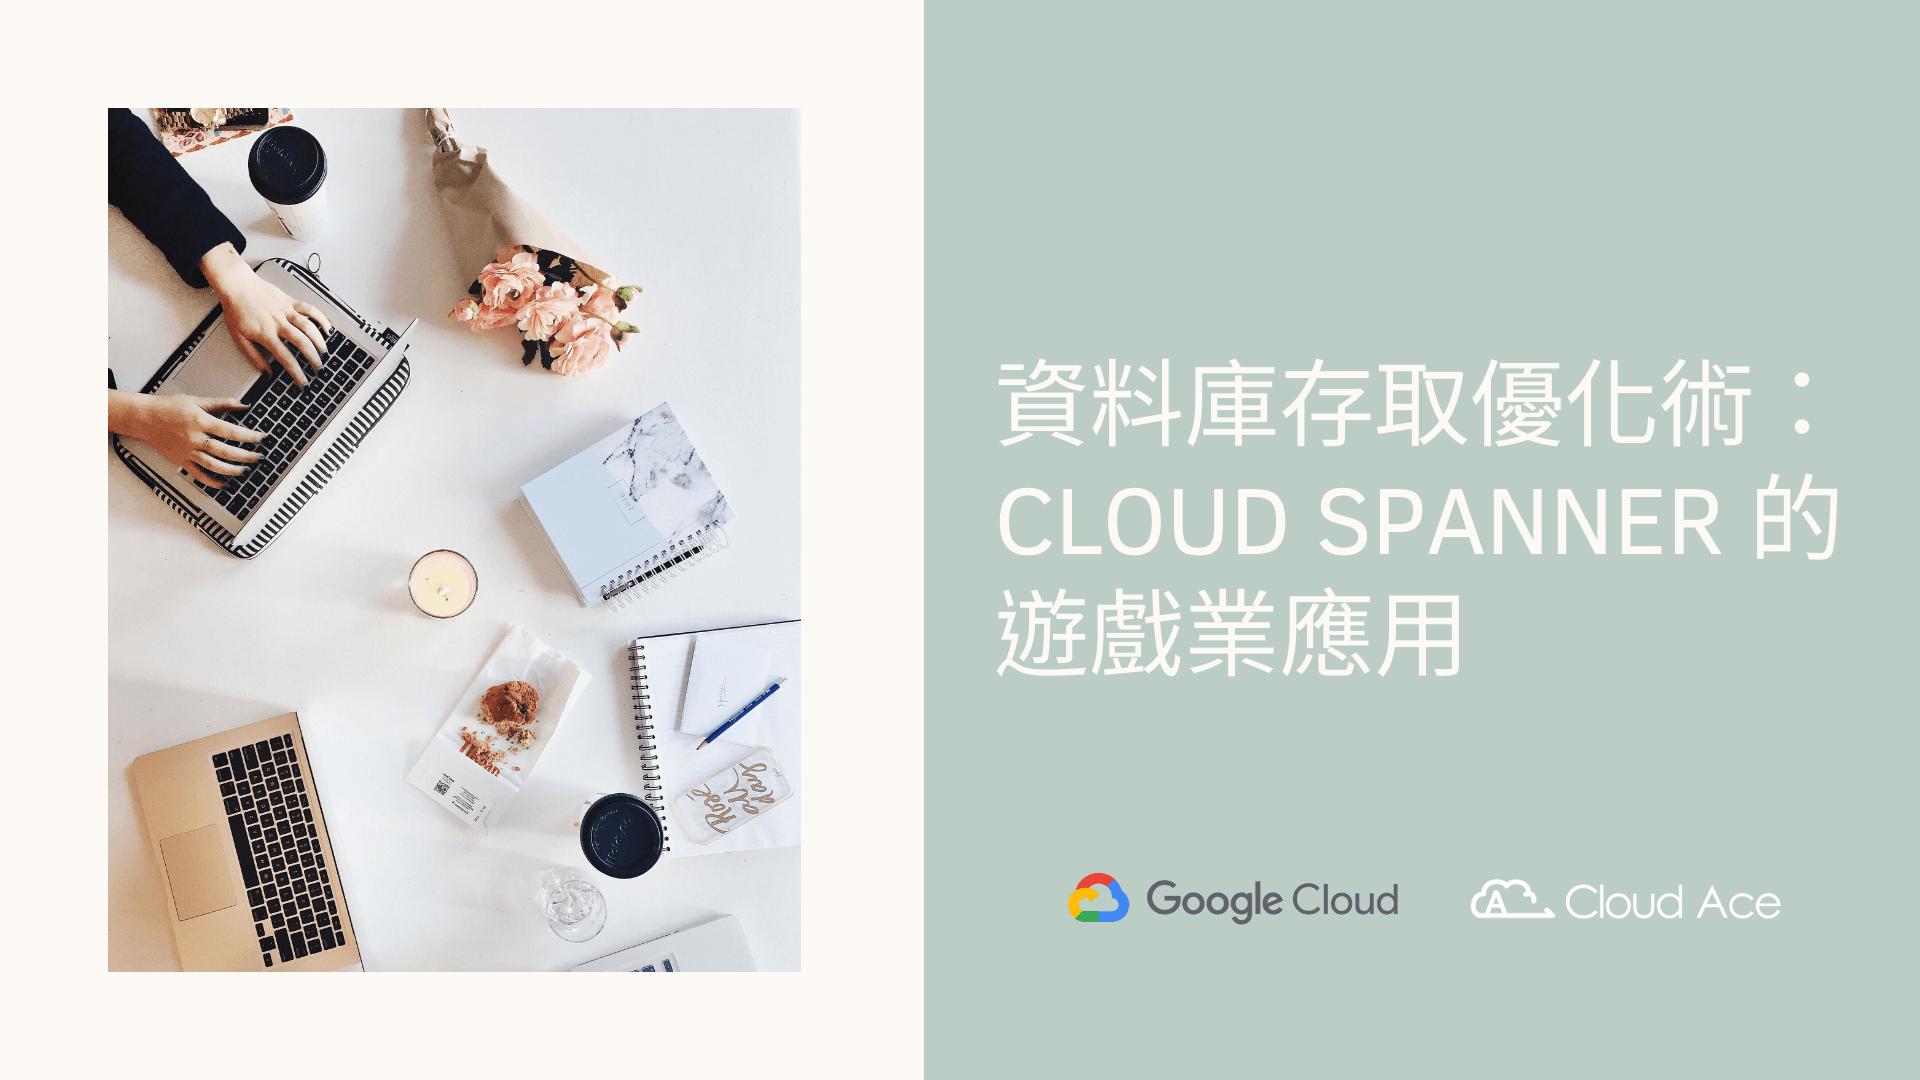 資料庫存取優化術:Cloud Spanner 的遊戲業應用